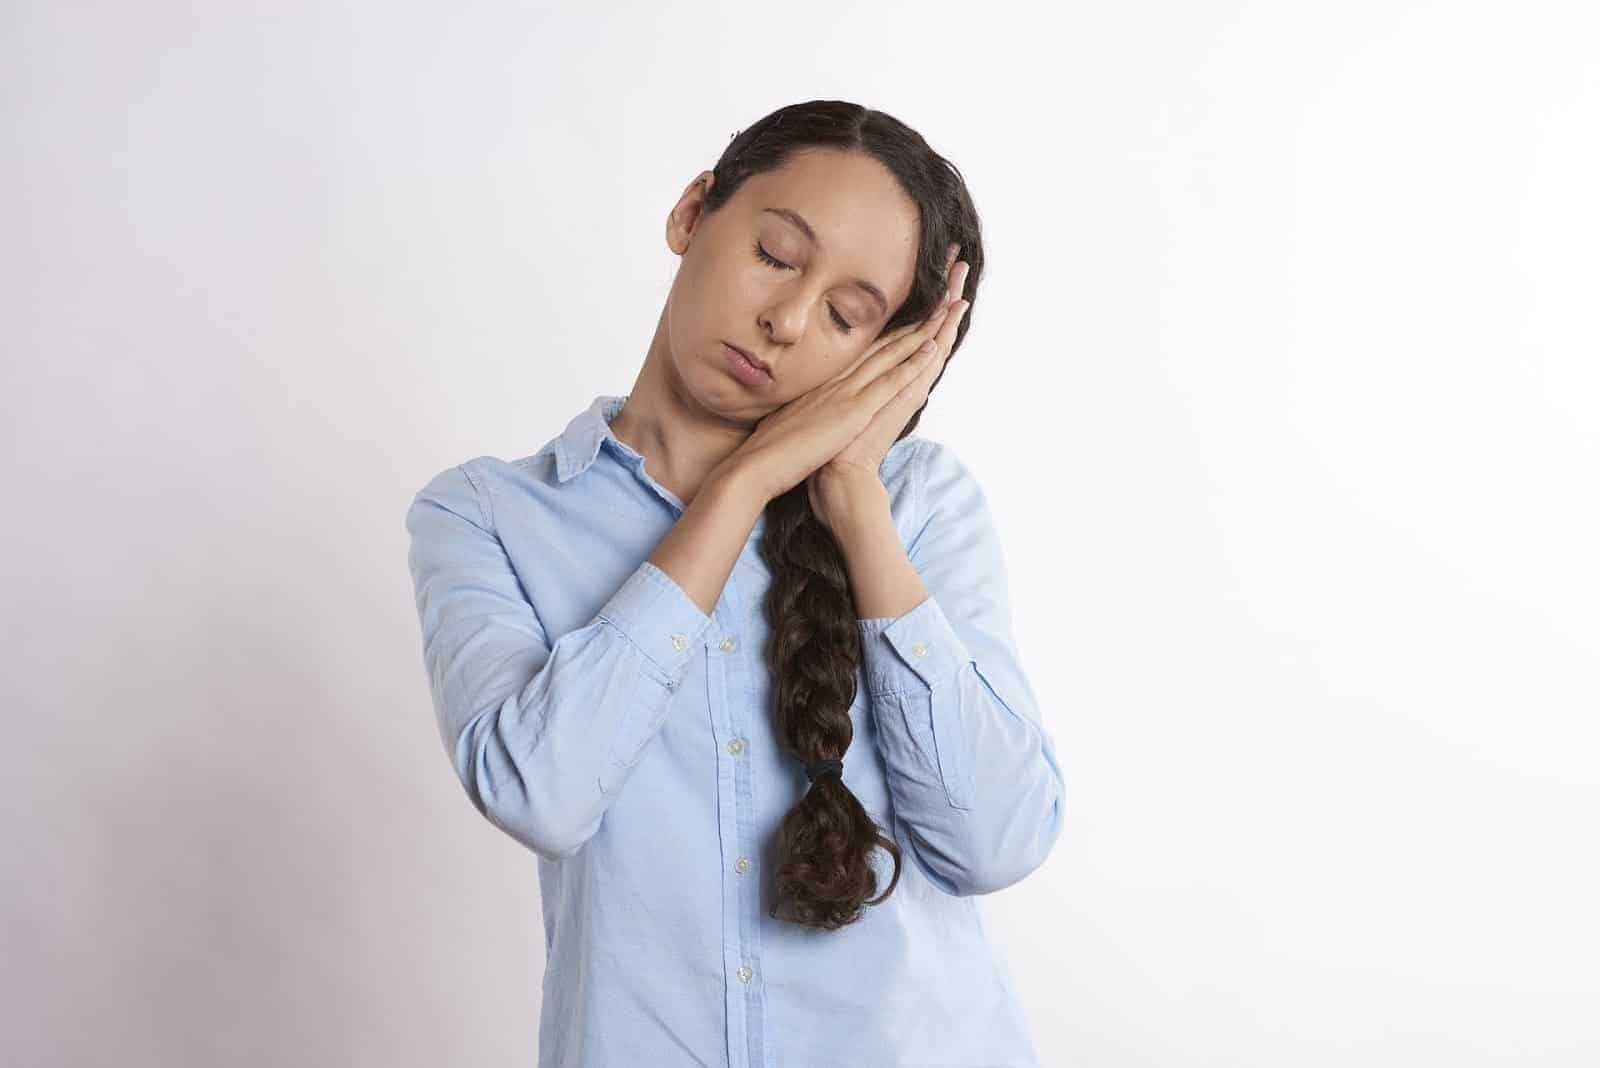 Woman posing a sleep gesture